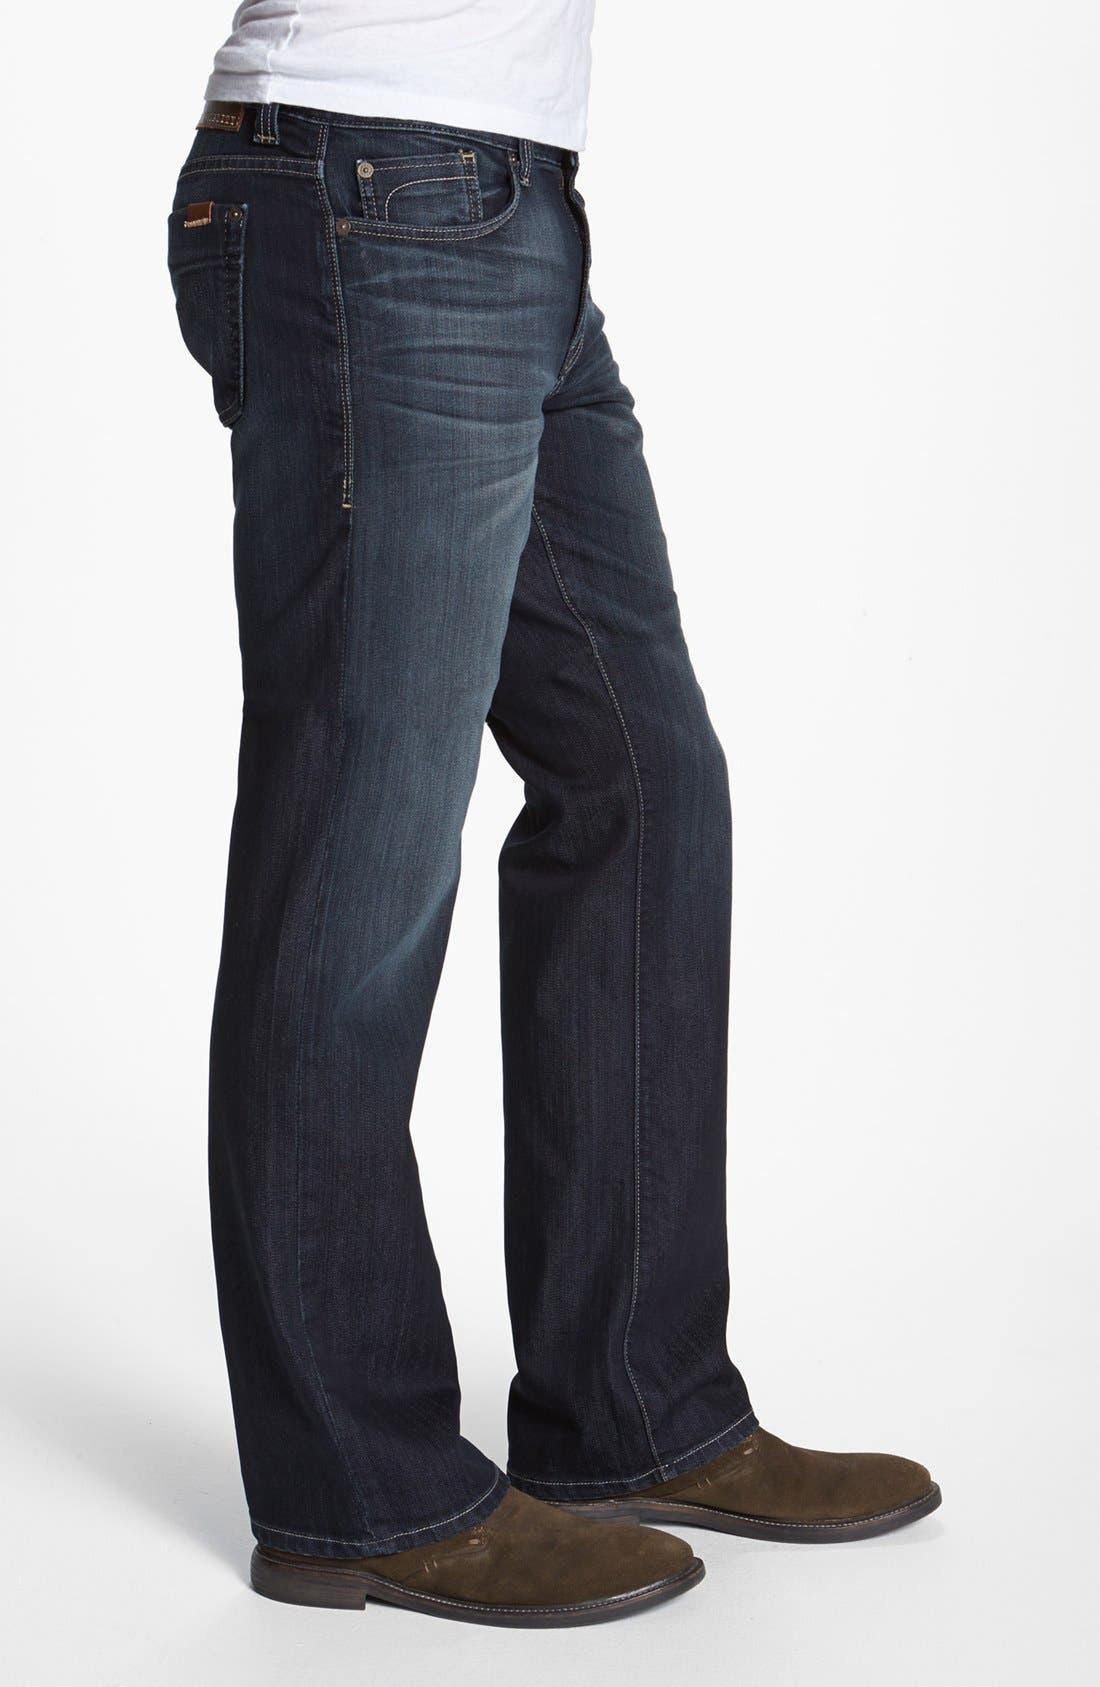 Alternate Image 3  - Fidelity Denim 'Camino' Relaxed Leg Jeans (Trigger Marx)